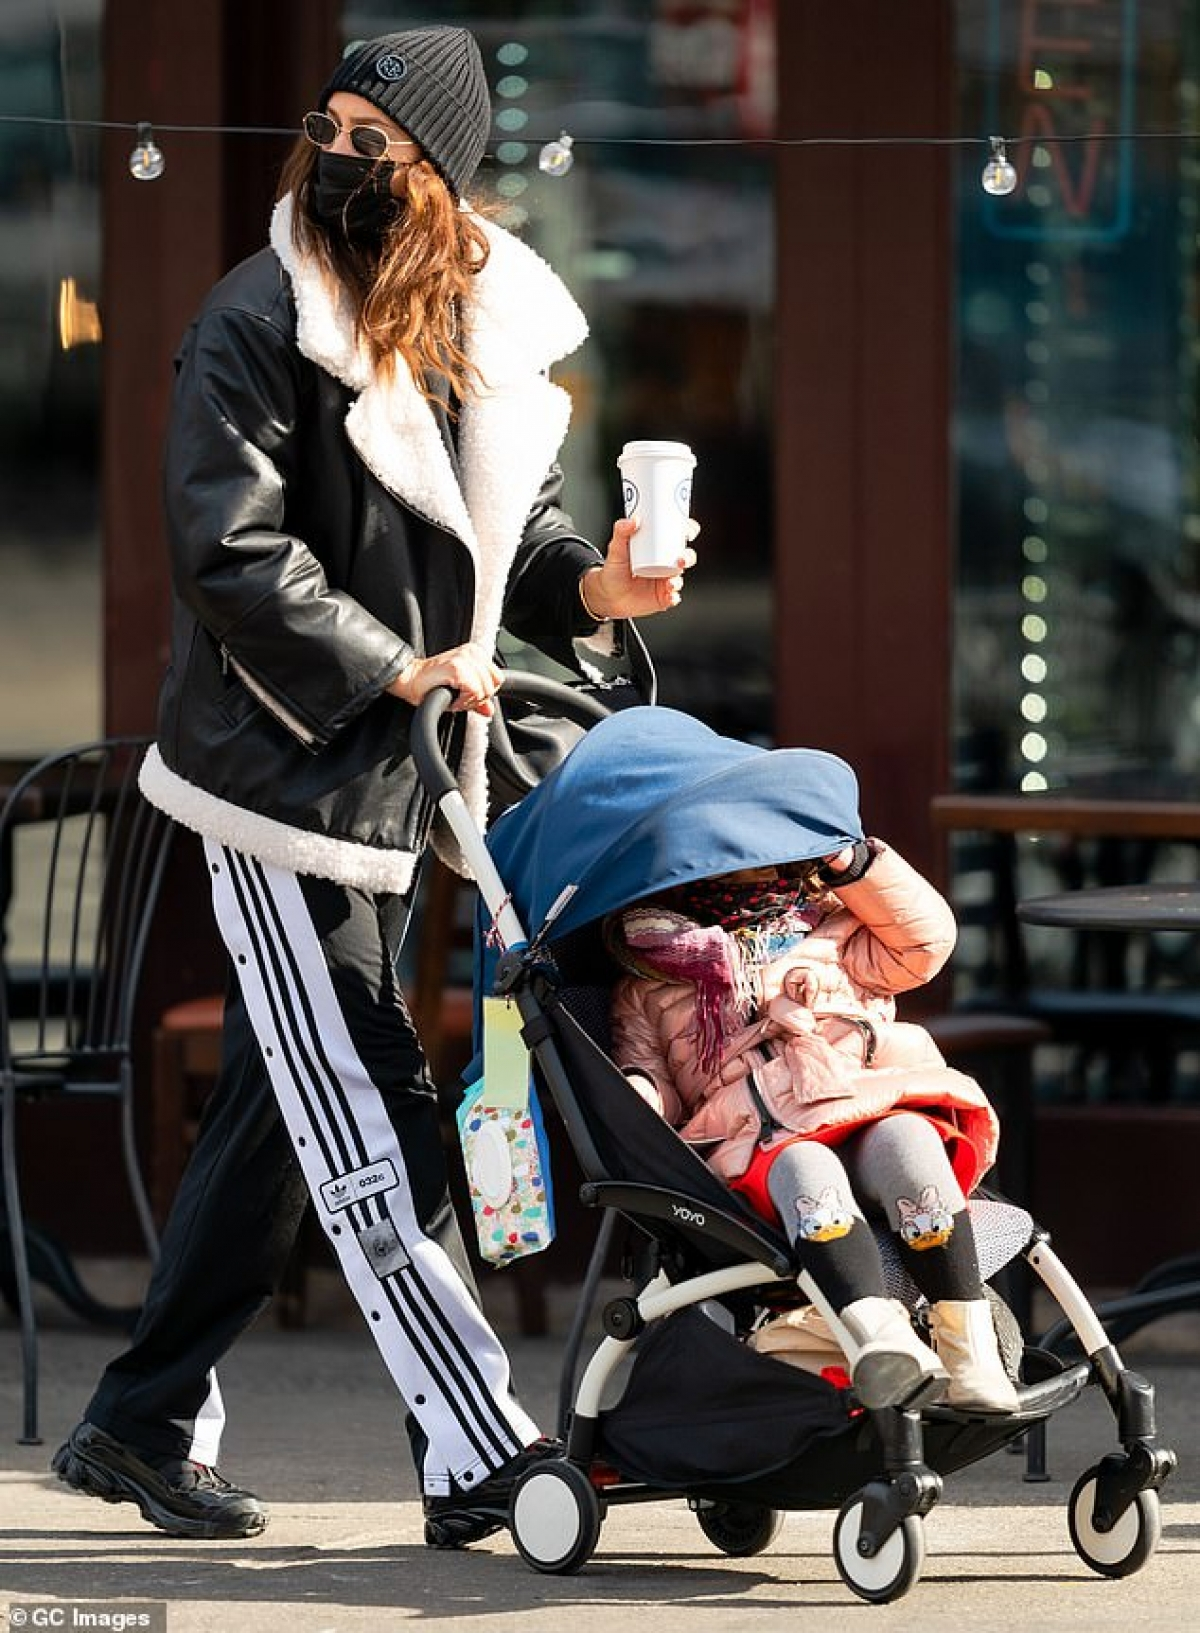 Siêu mẫu Nga diện set đồ màu đen khỏe khoắn, cầm theo ly cafe nóng hổi.